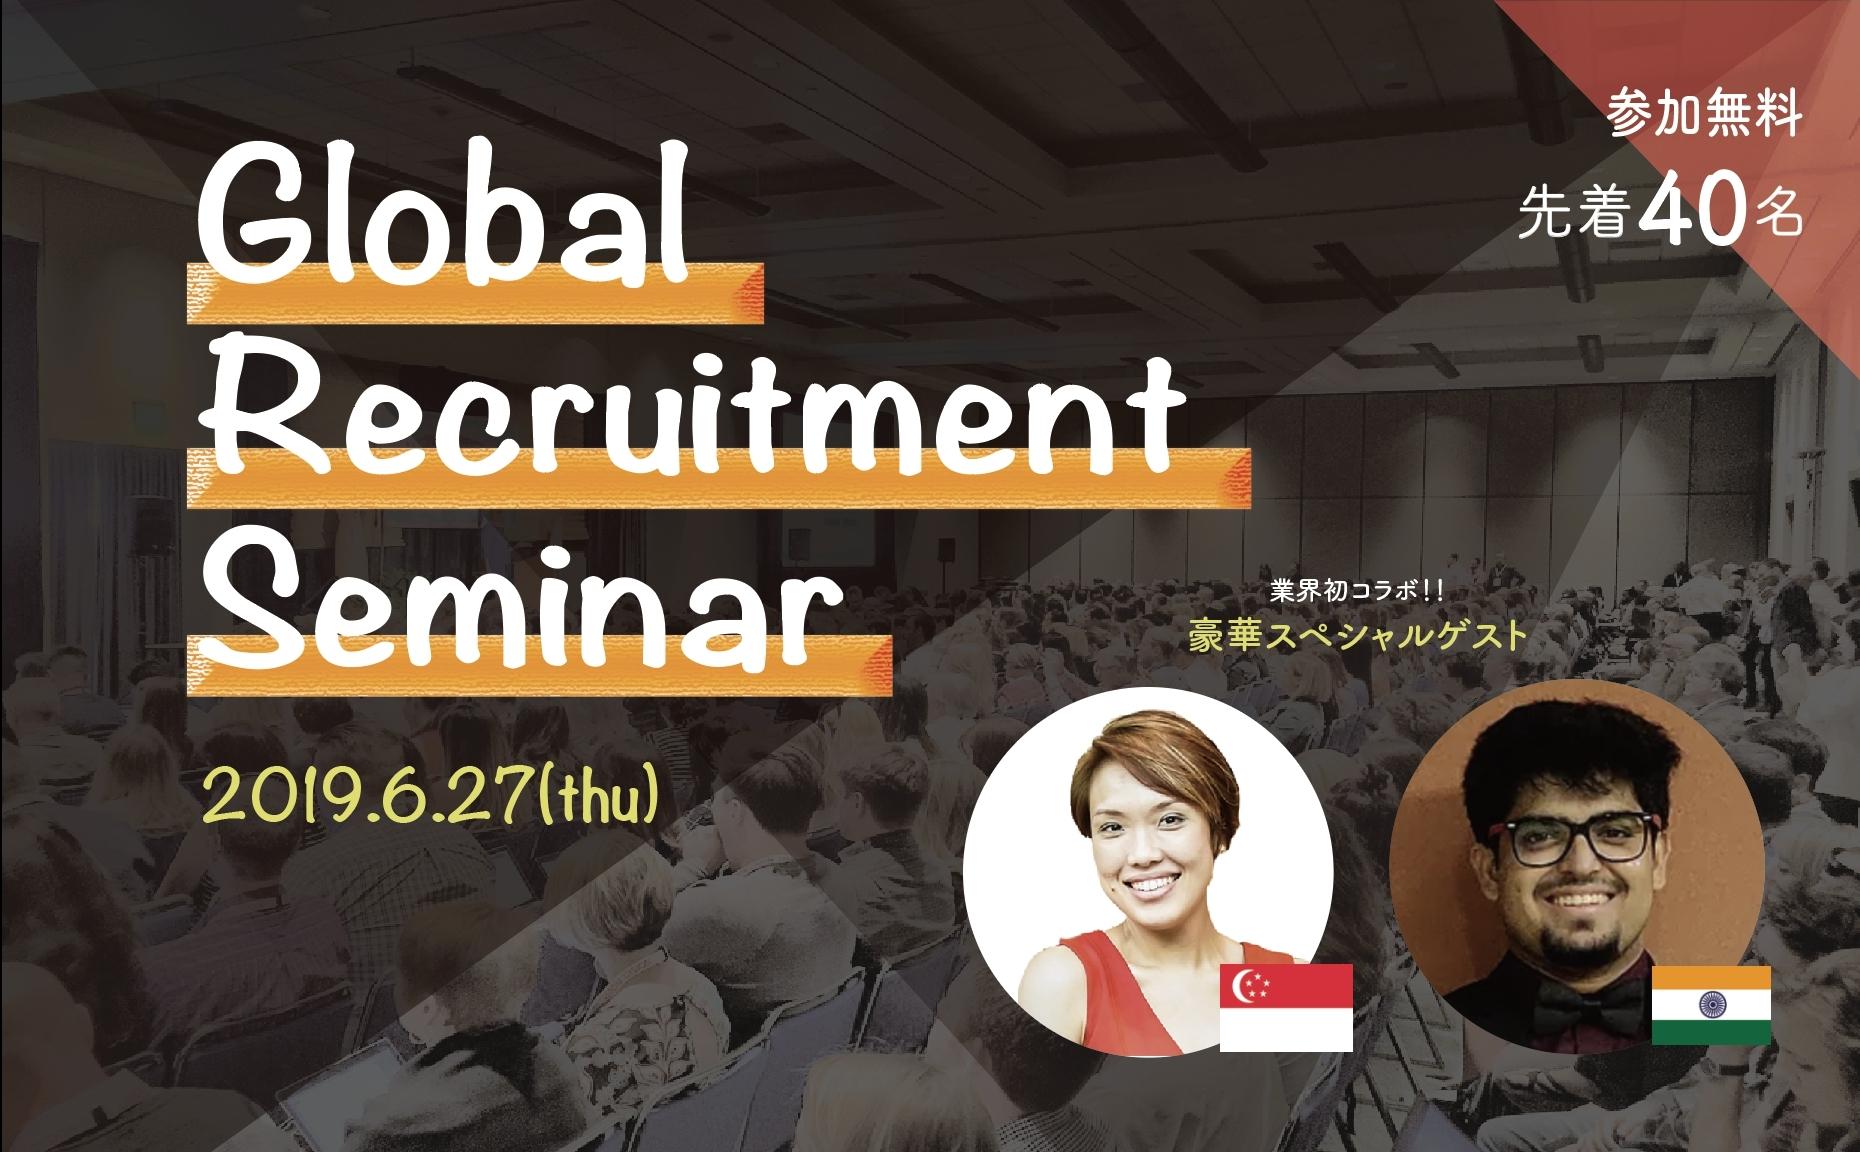 アジア高度人材のグローバル採用セミナー開催:シンガポールとインド屈指の大学からキャリアセンターが来日